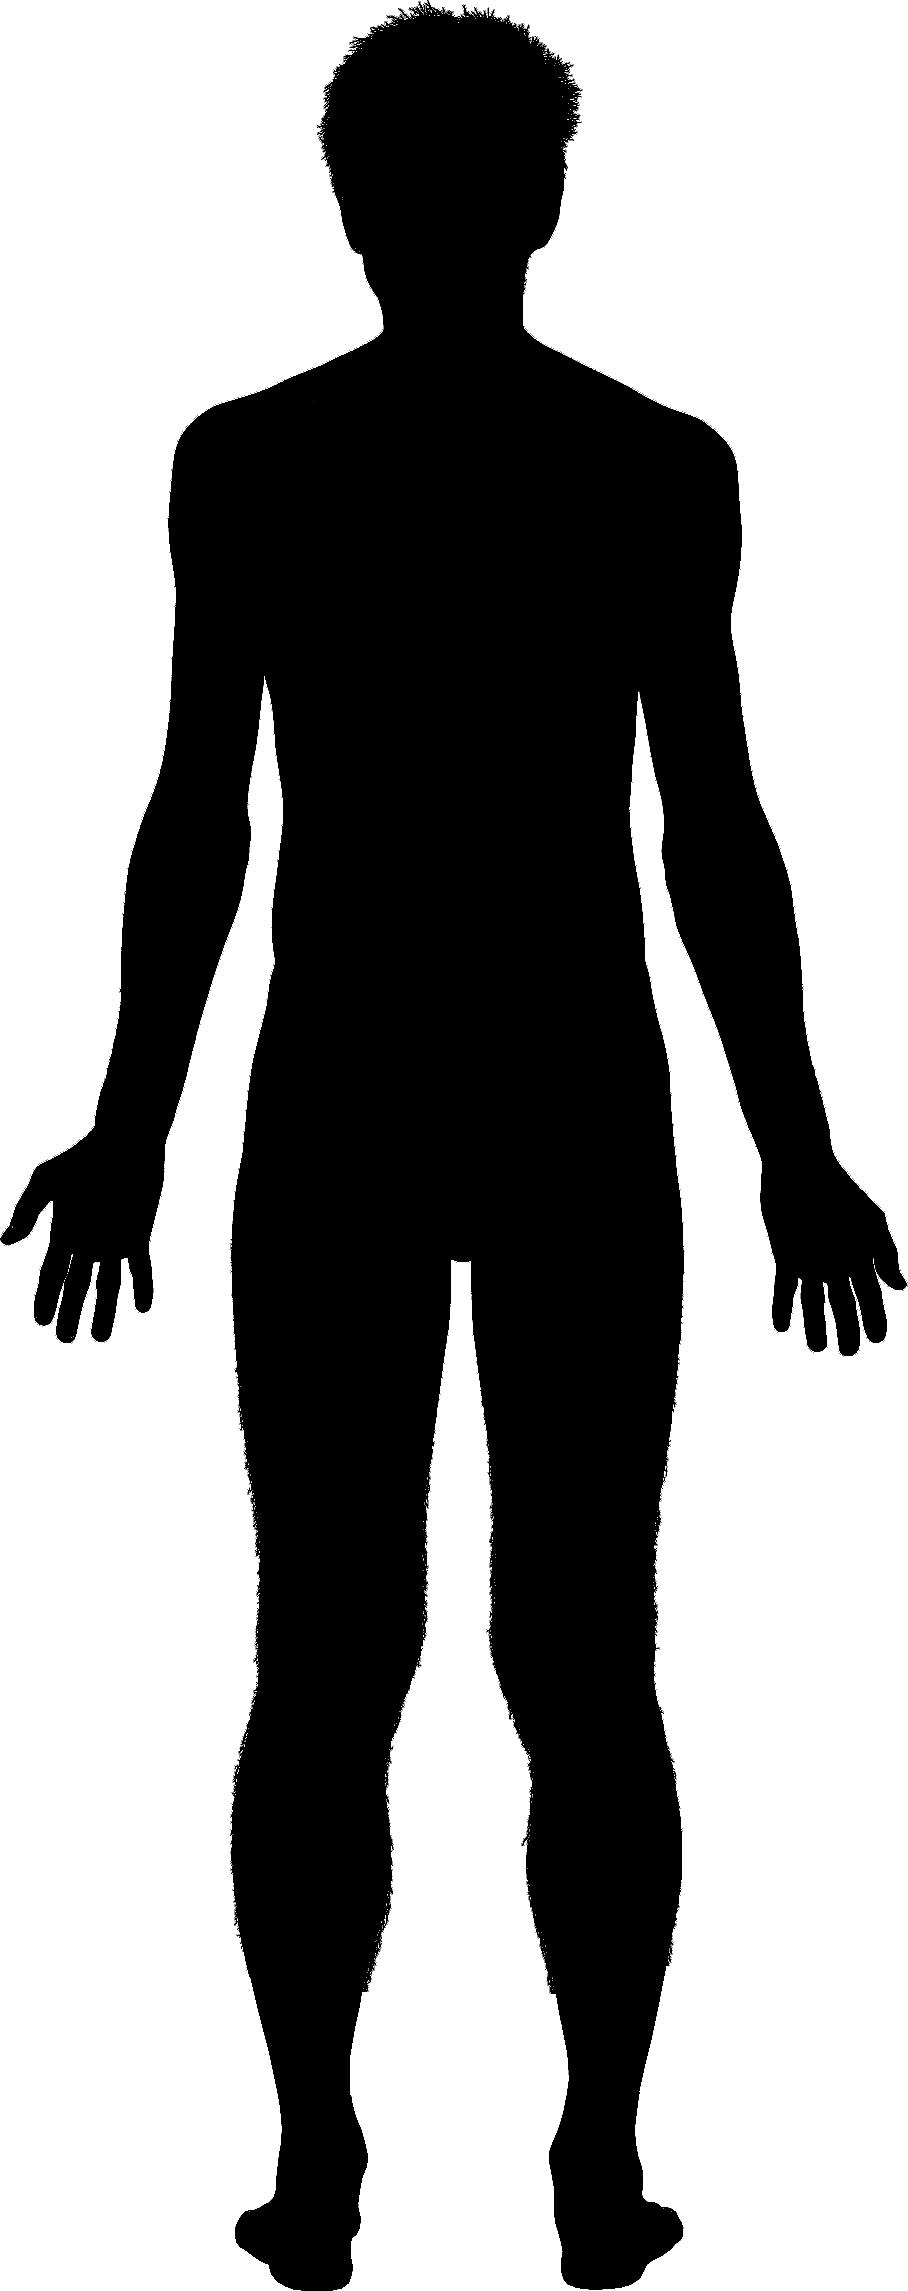 Human clipart female #9